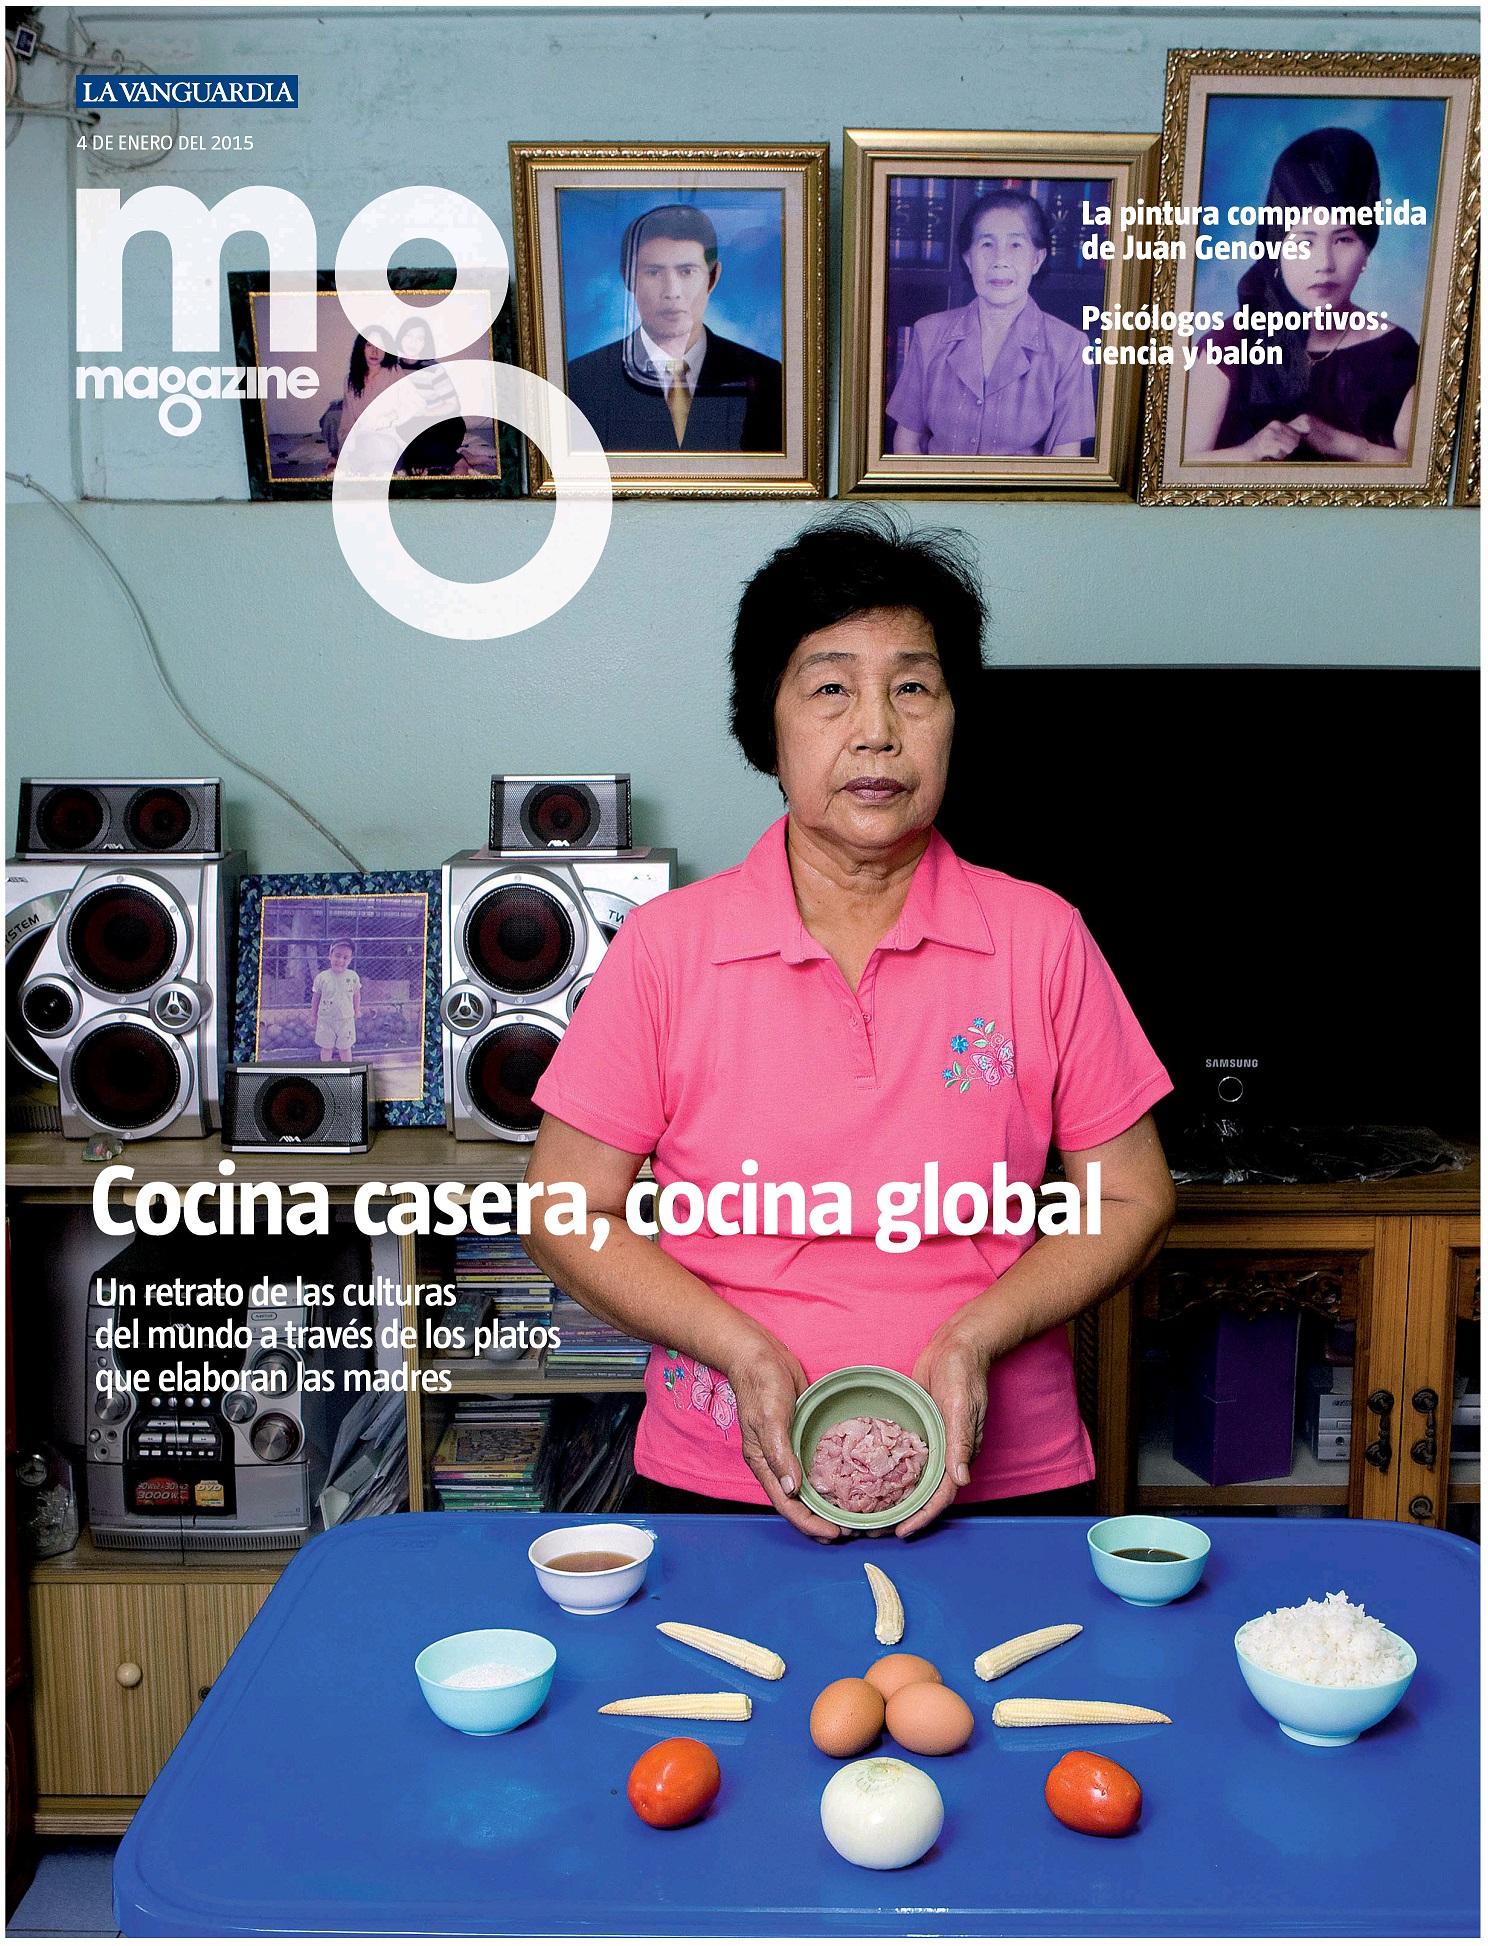 MEGAZINE portada 4 de Enero 2015